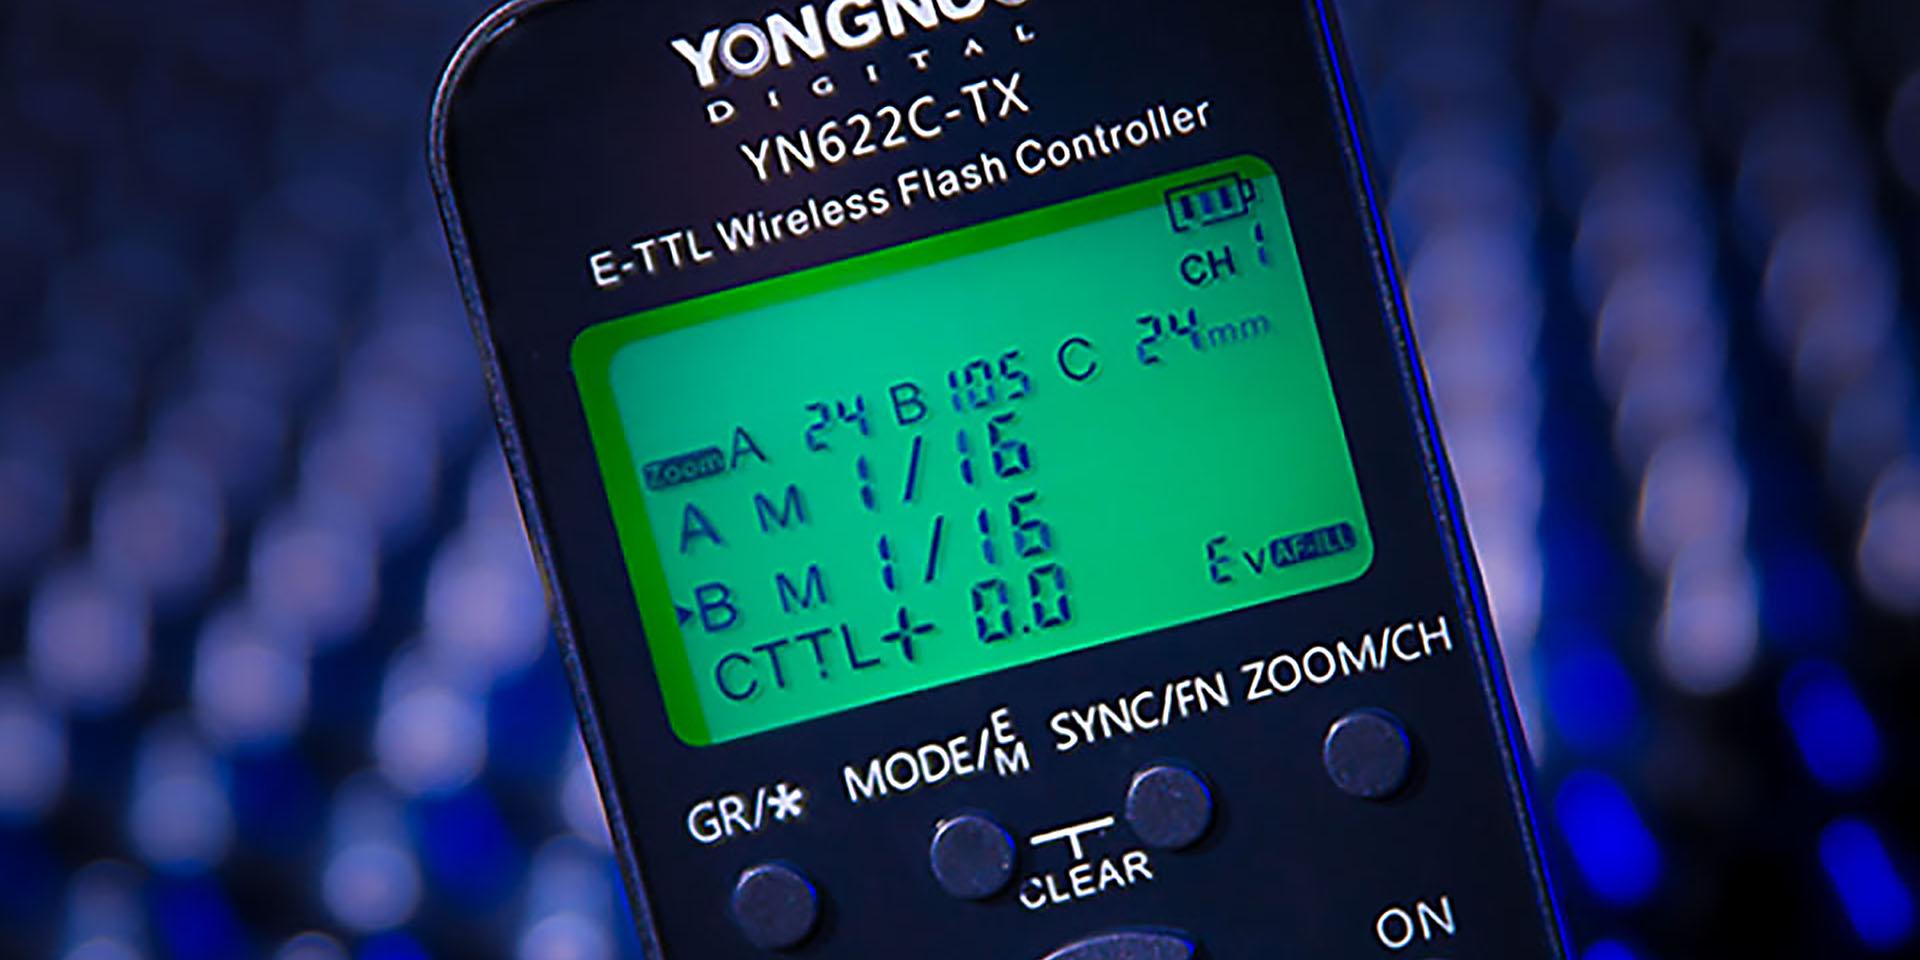 Yongnuo YN-622 C-TX